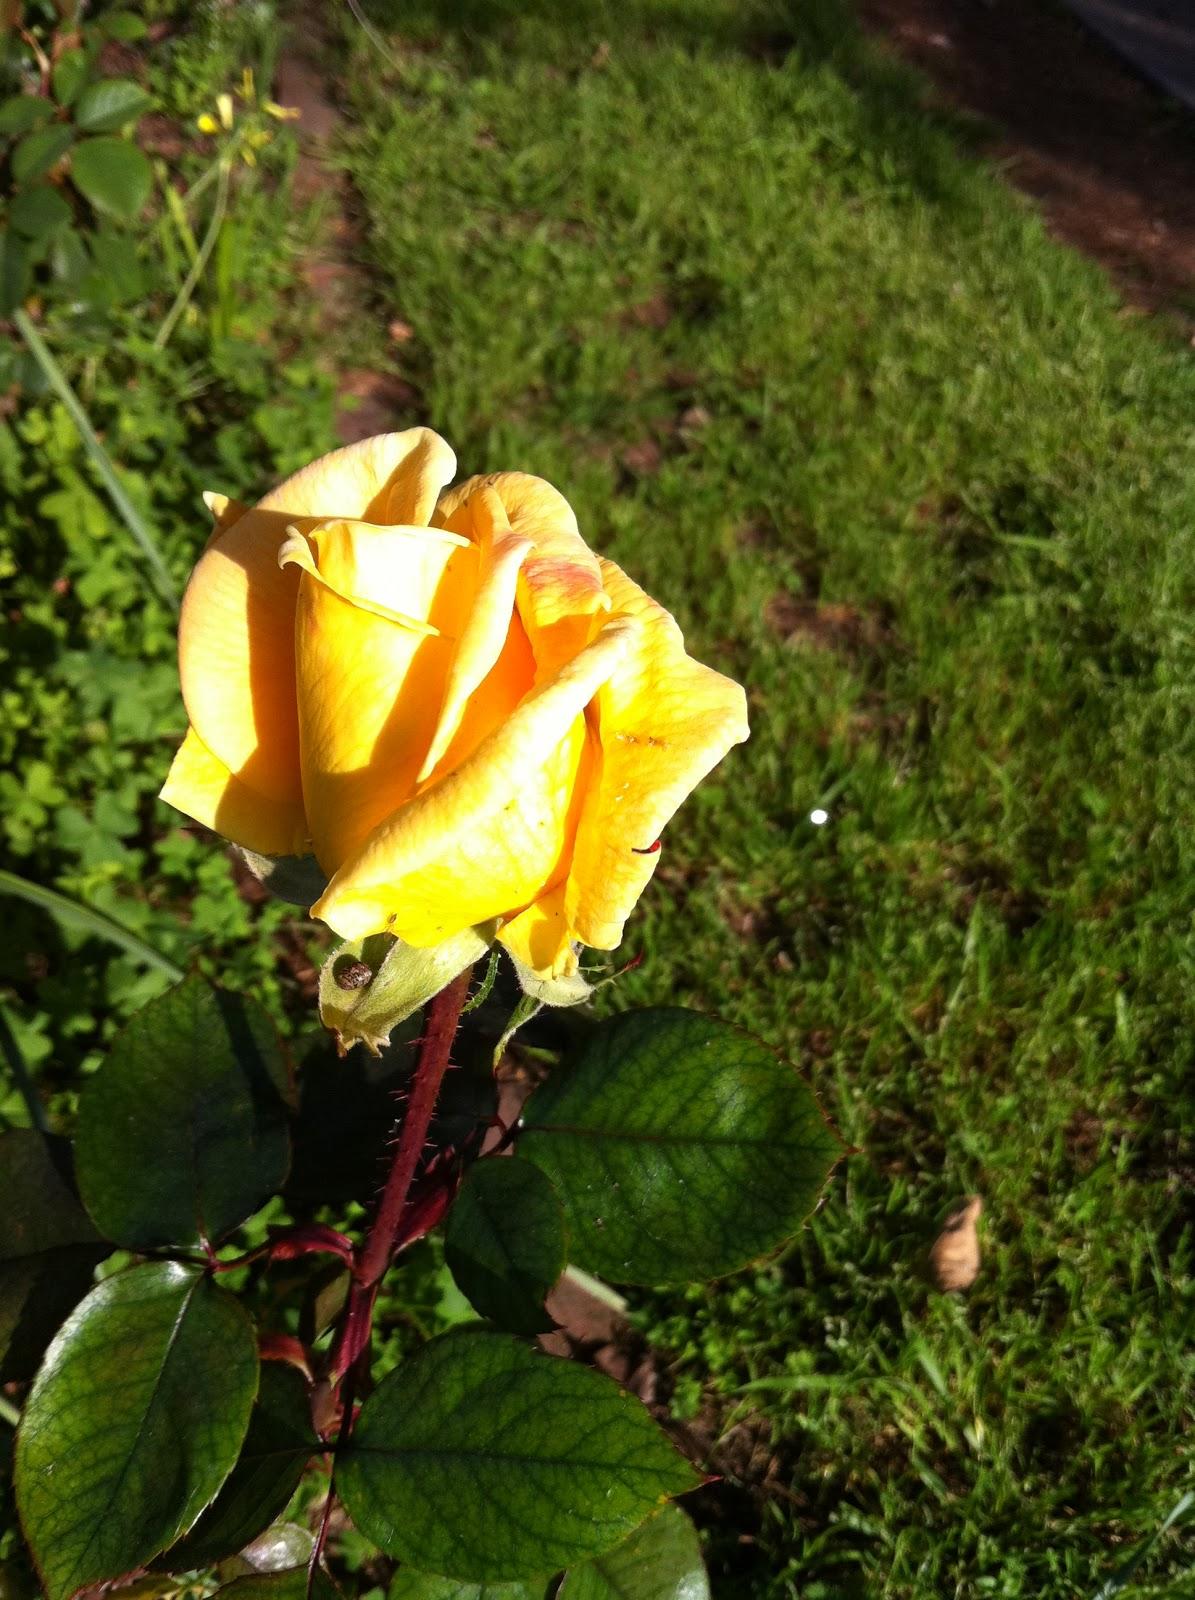 Fifi Flowers Outdoor Flower Series Week 5